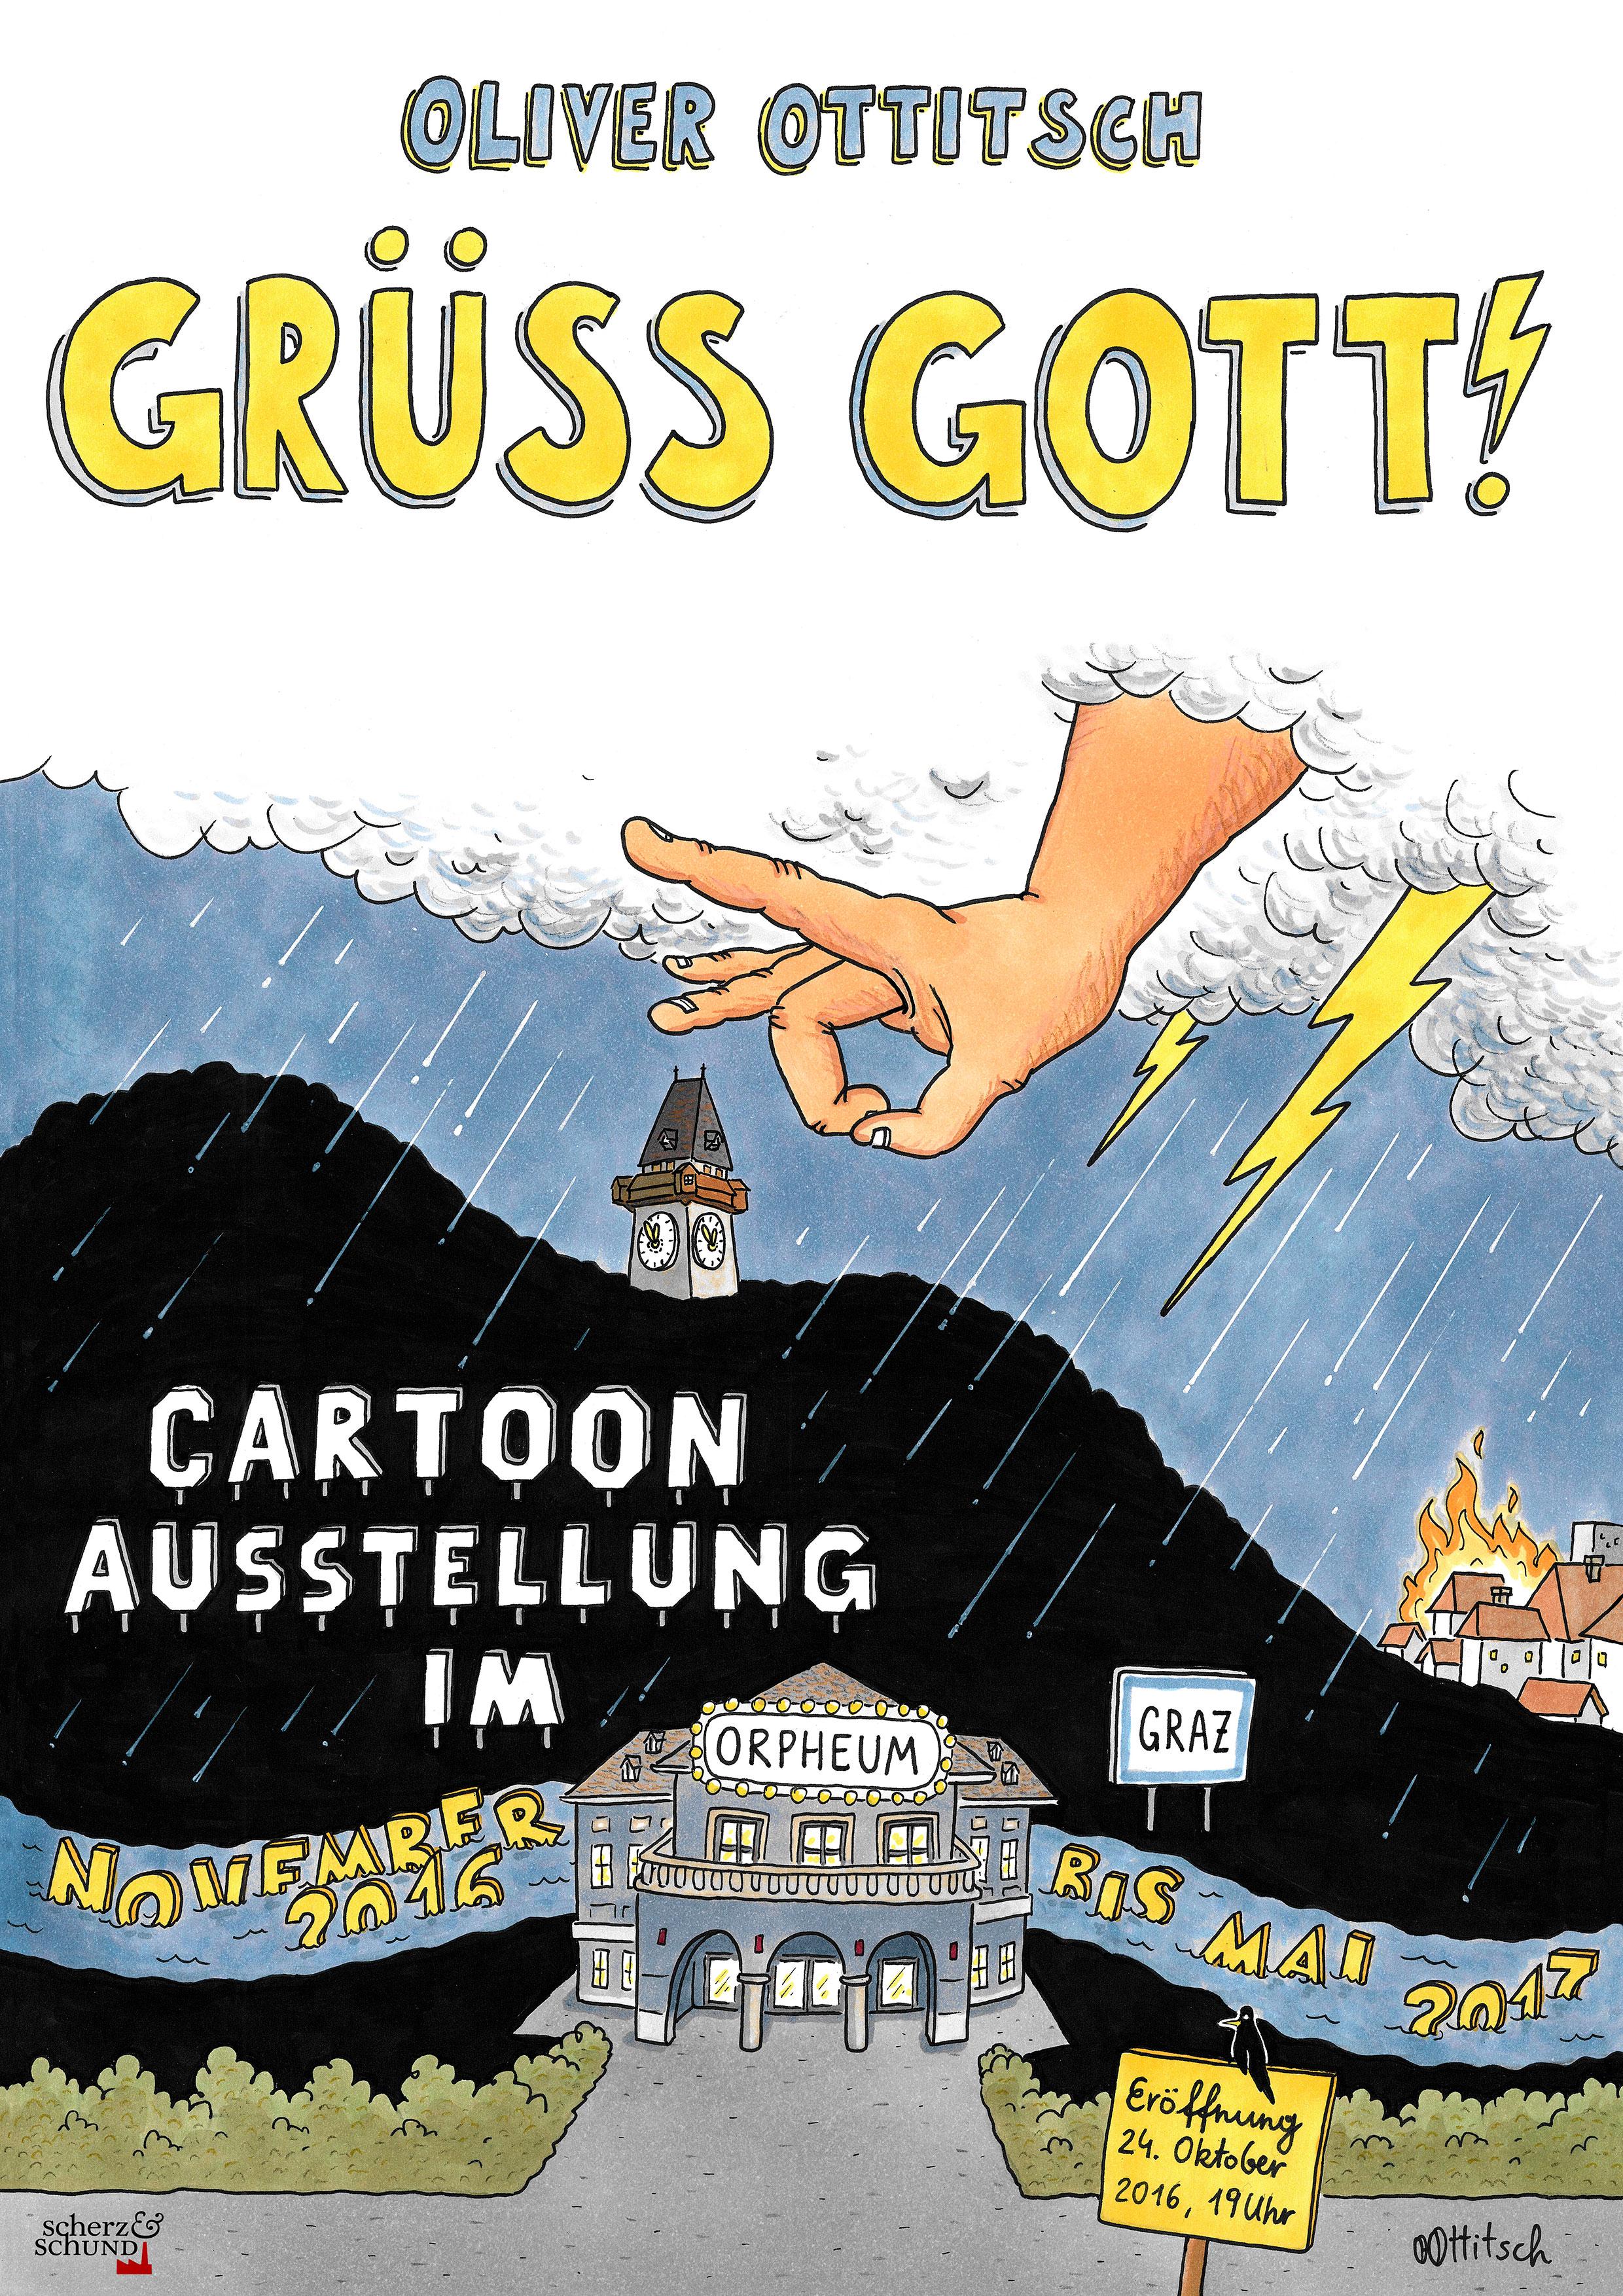 Ausstellung in Graz - Gruess Gott!